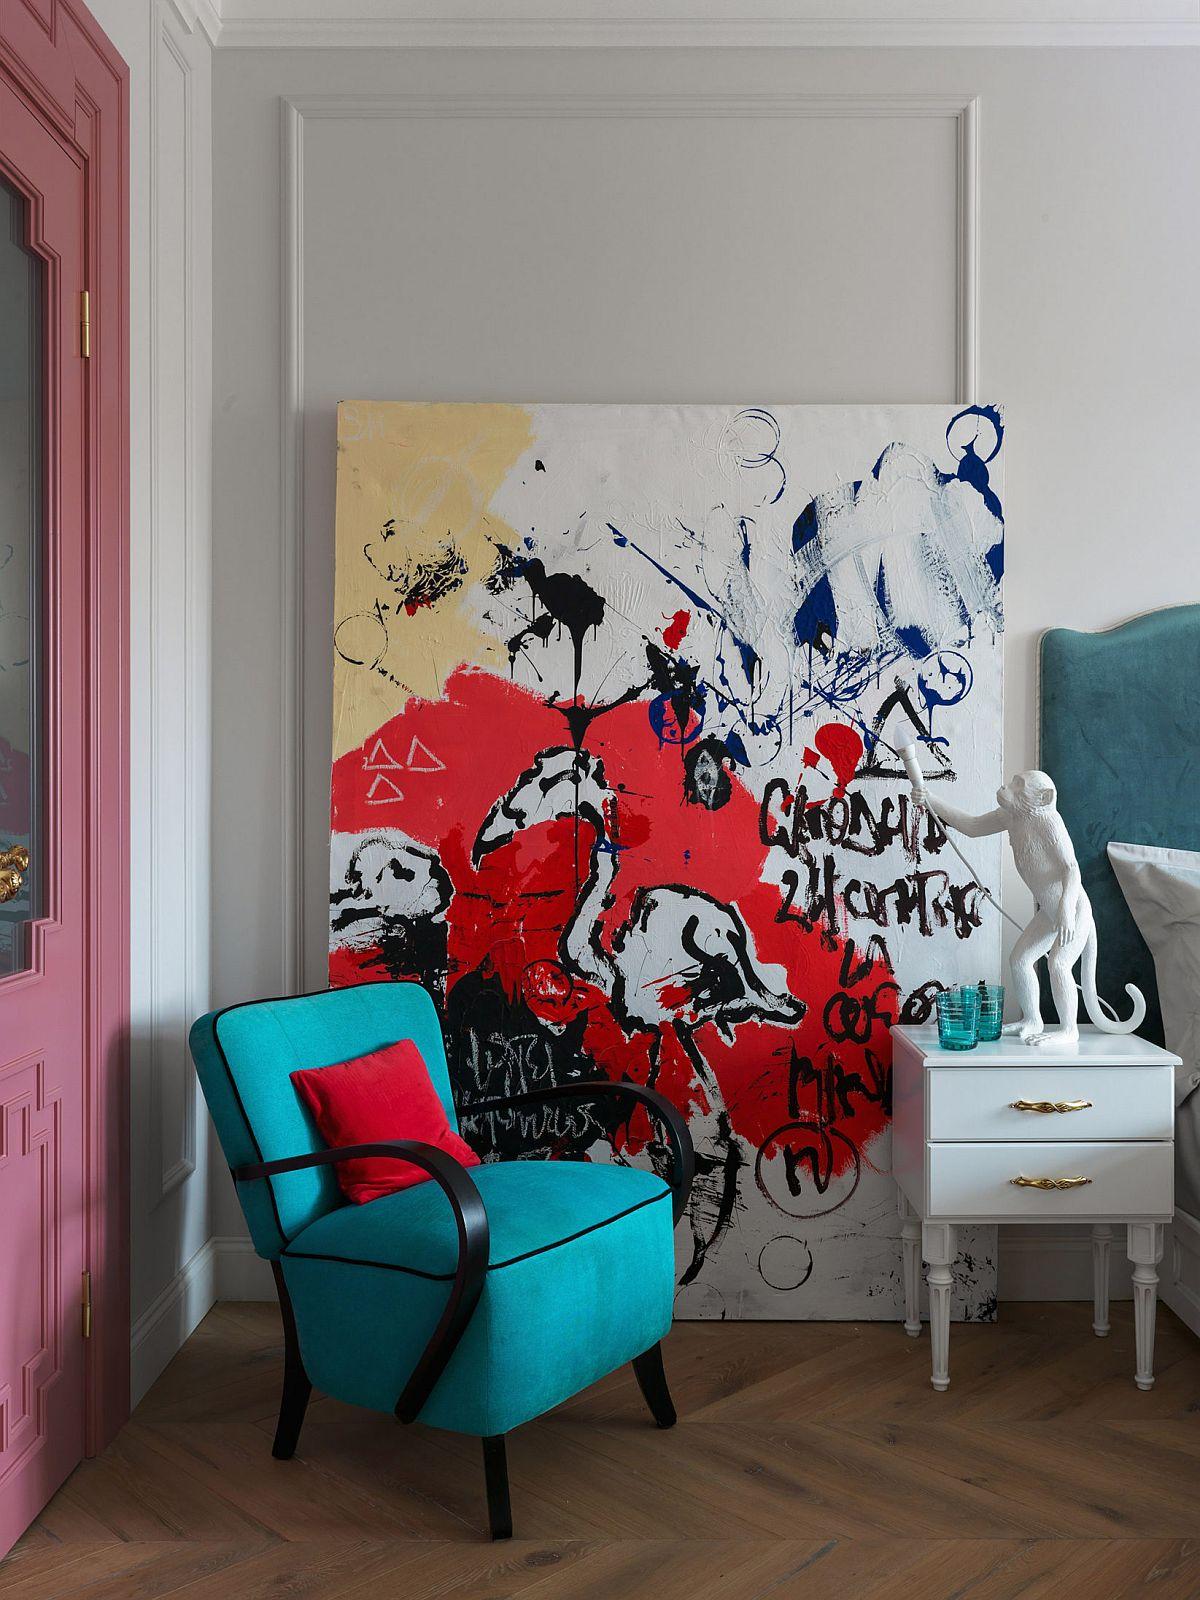 Un tablou contemporan cu o temă spontană, dă aceea notă de creativitate așteptată într-o cameră de copil, iar veioza în formă de maimuță conferă un aer jucăuș, chiar ironic ambientului. Însă din acest loc, care se vede la intrrea în cameră contrastul de verde și roșu est ecel care dinamizează ambianța.